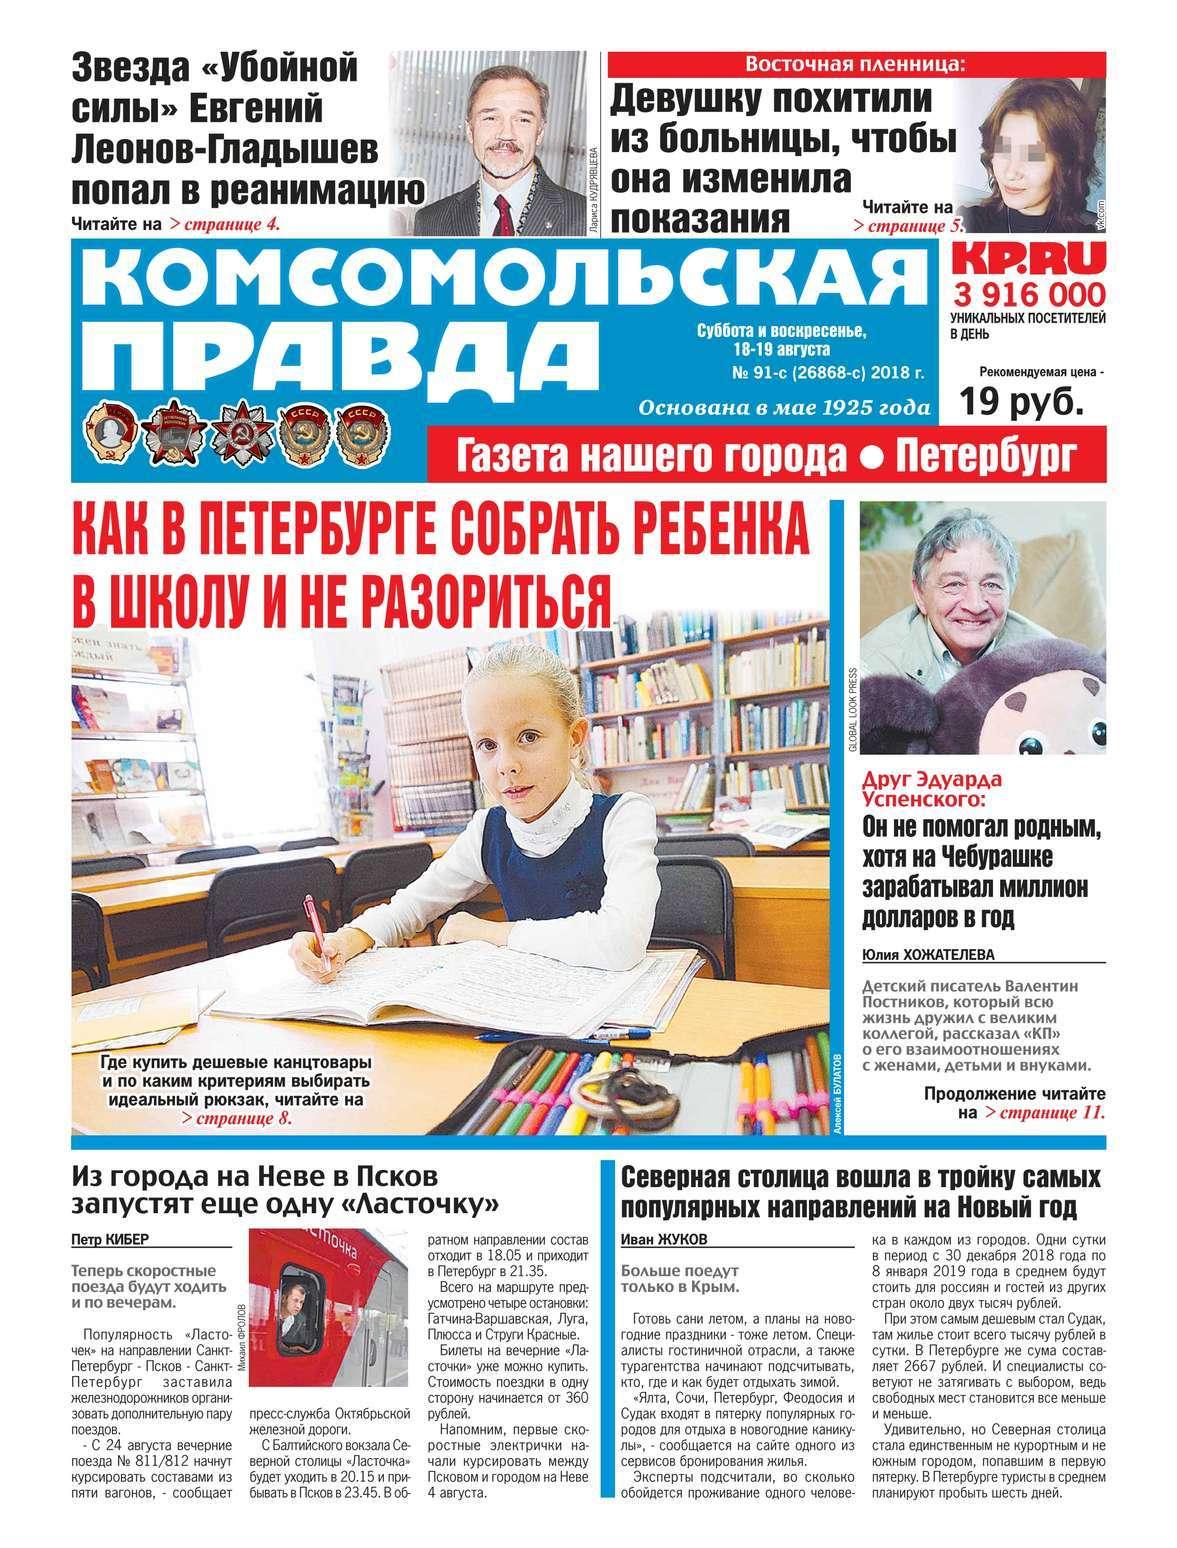 Комсомольская Правда. Санкт-Петербург 91с-2018